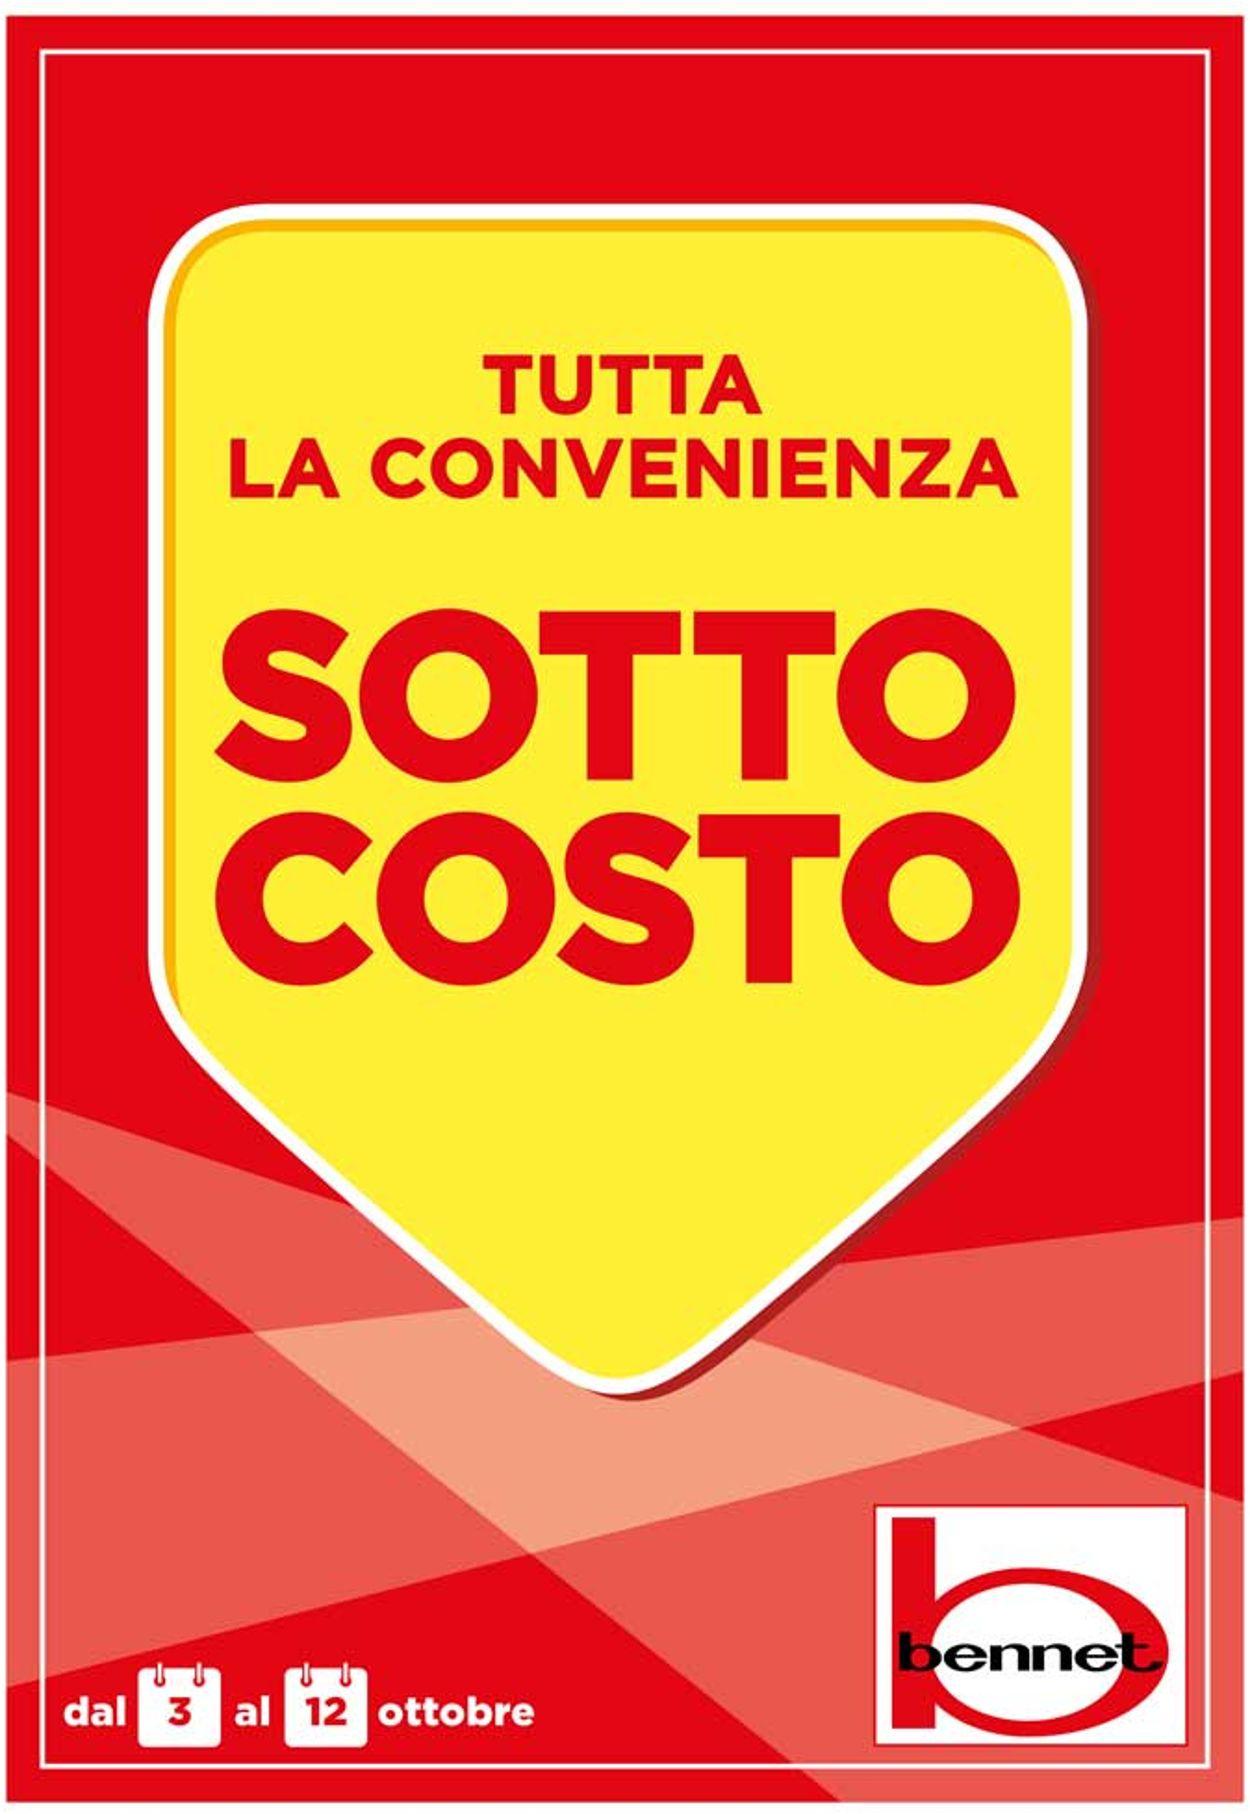 Volantino bennet - Offerte 03/10-12/10/2019